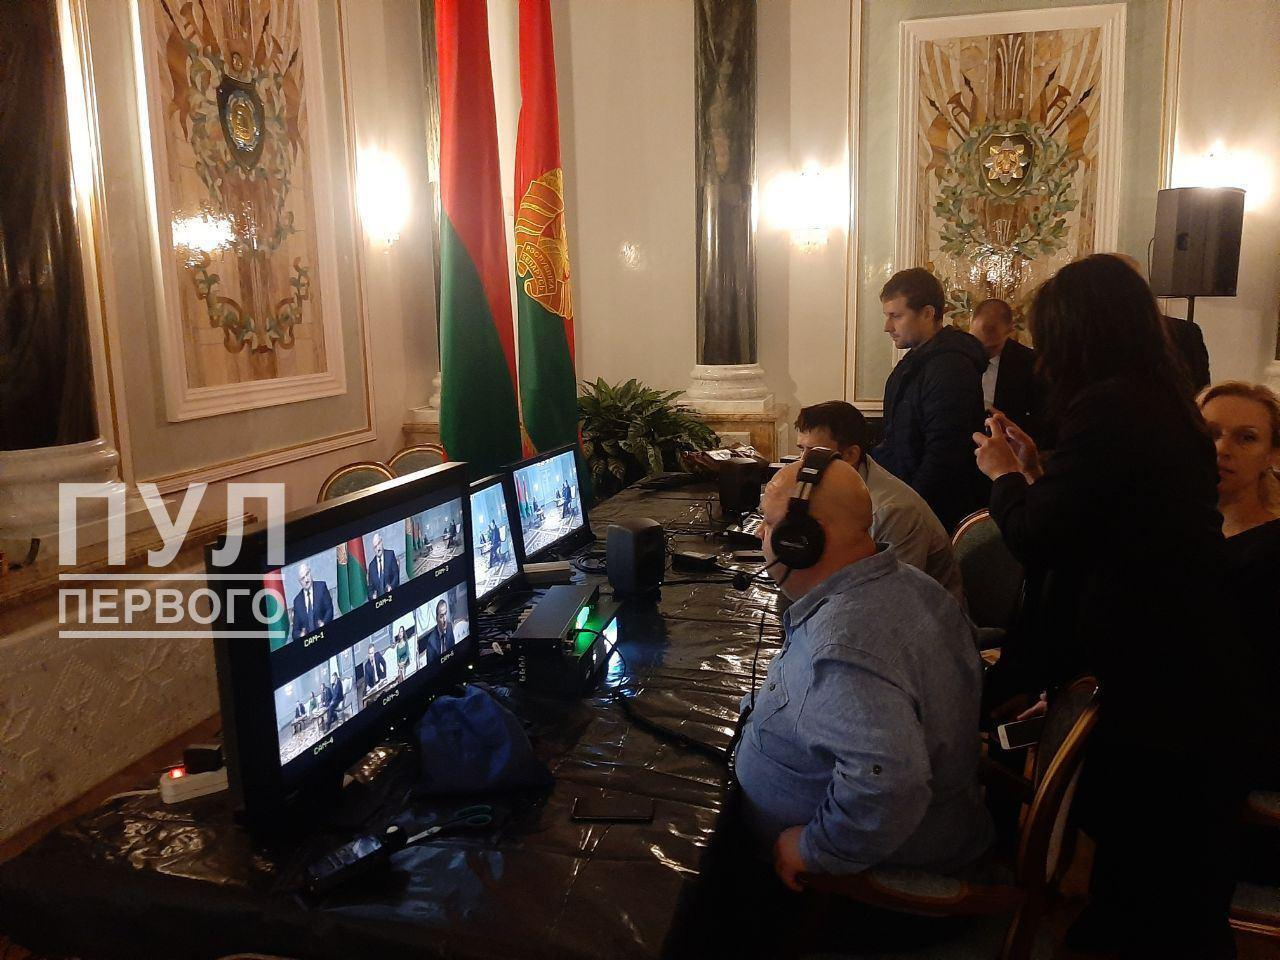 Российские пропагандисты приехали на интервью с Лукашенко